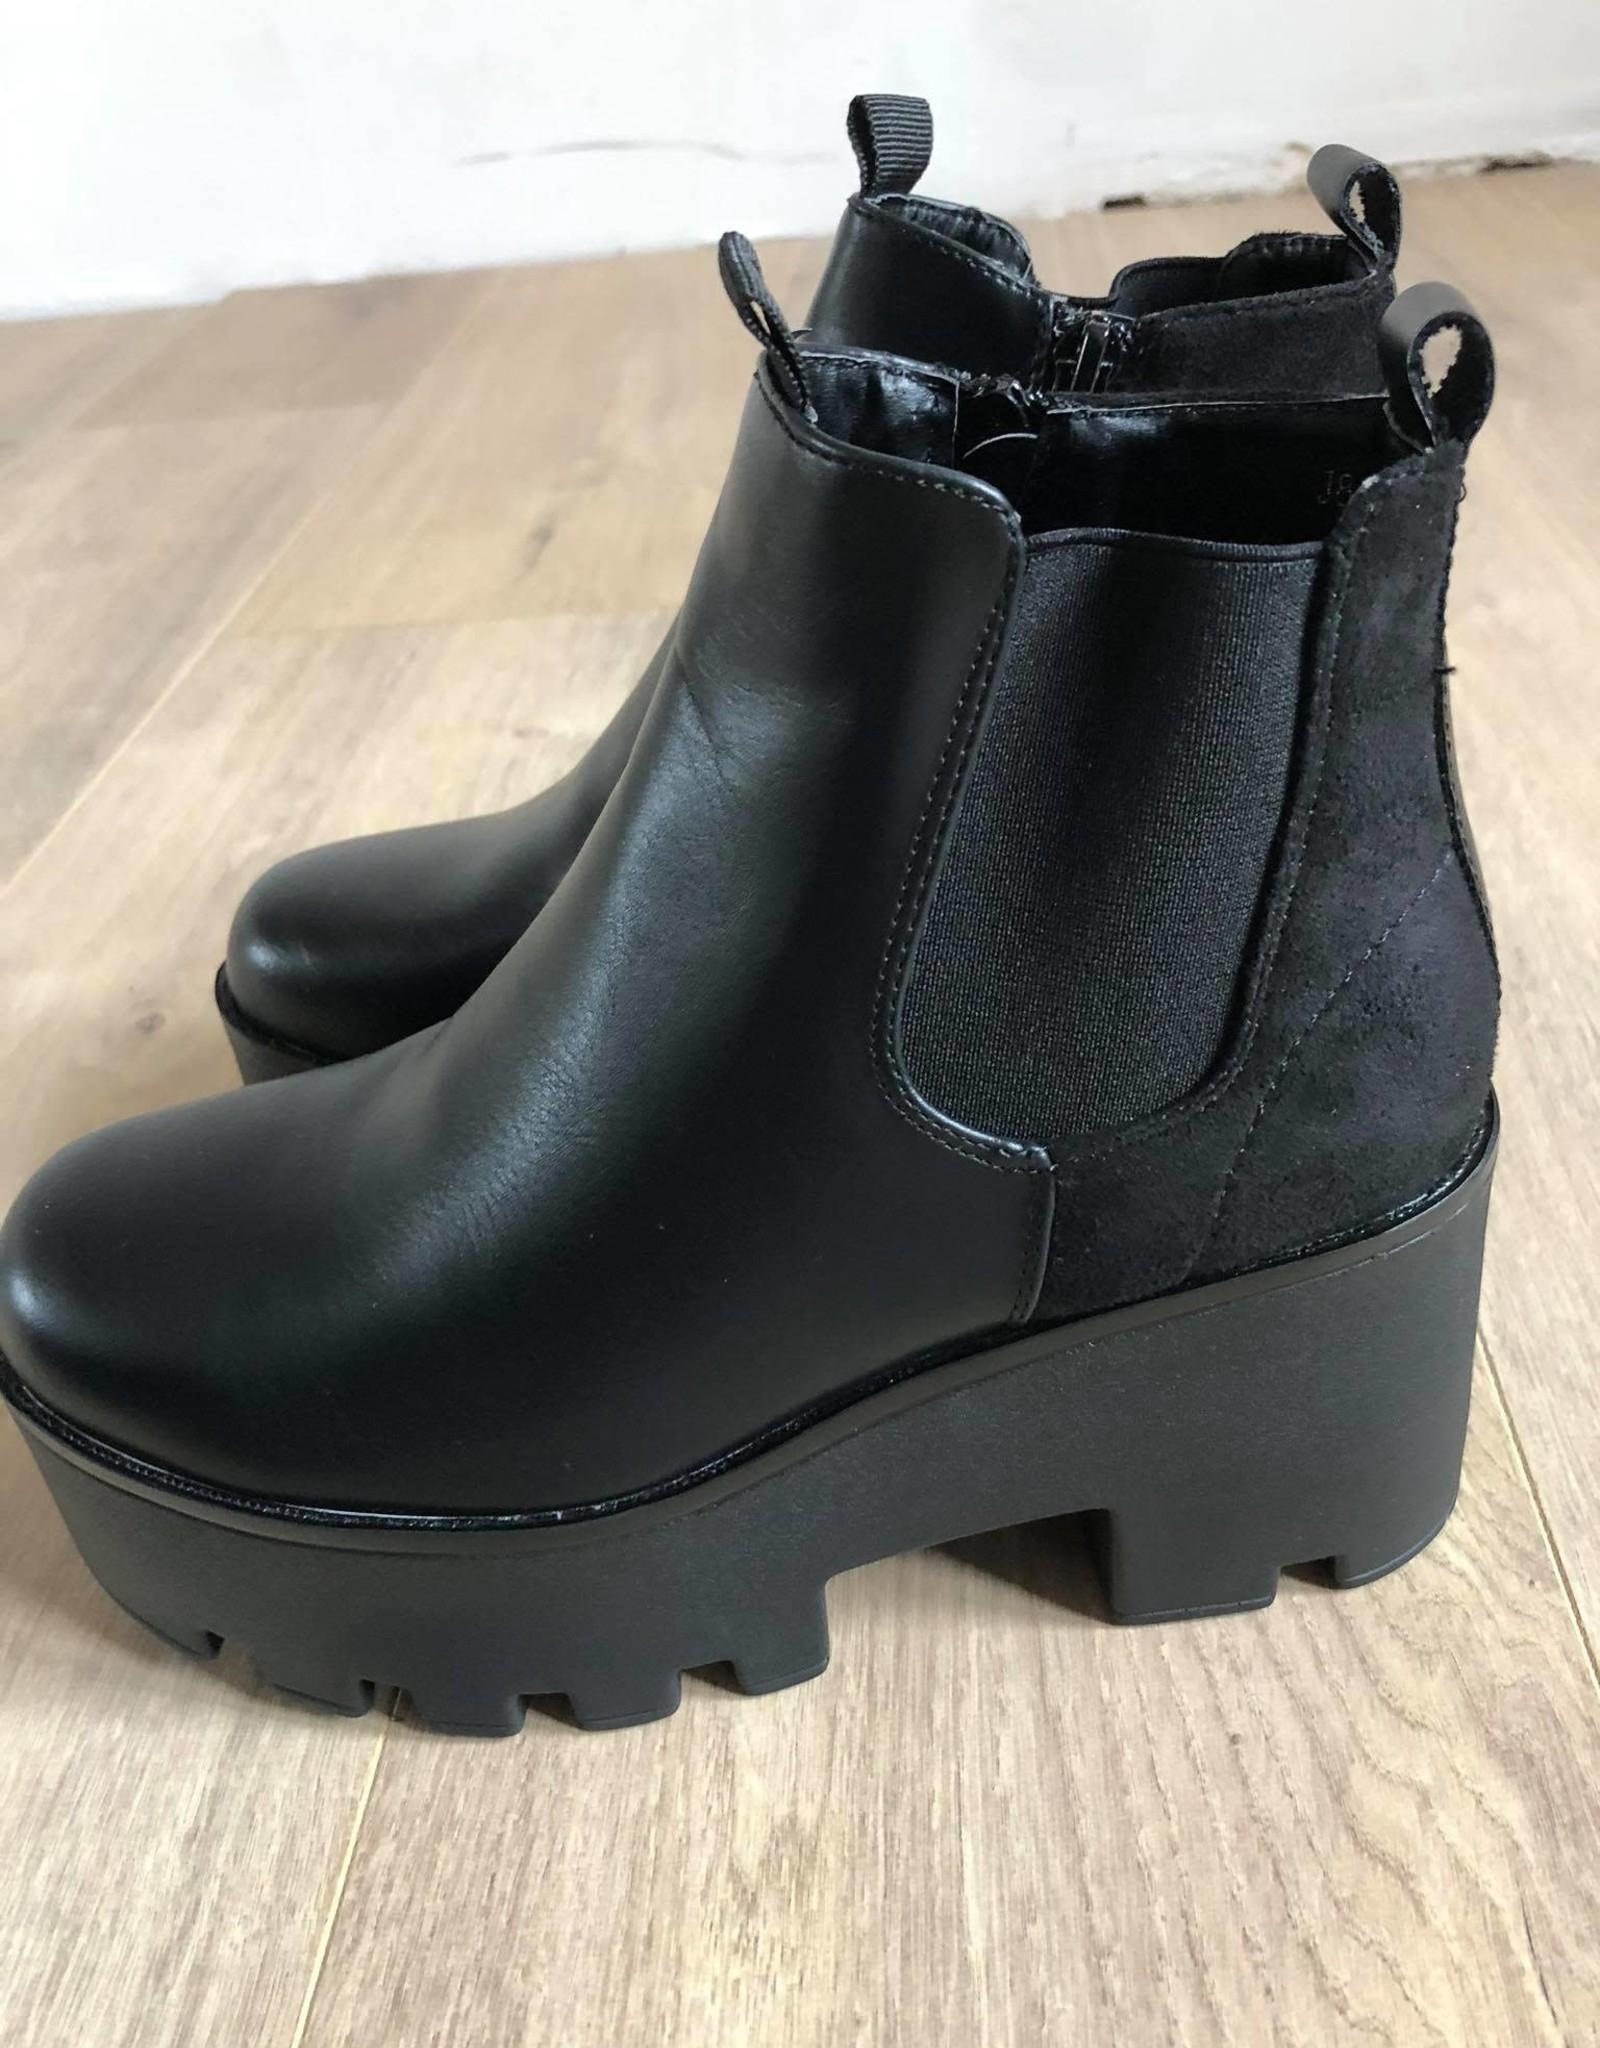 Queen boots black